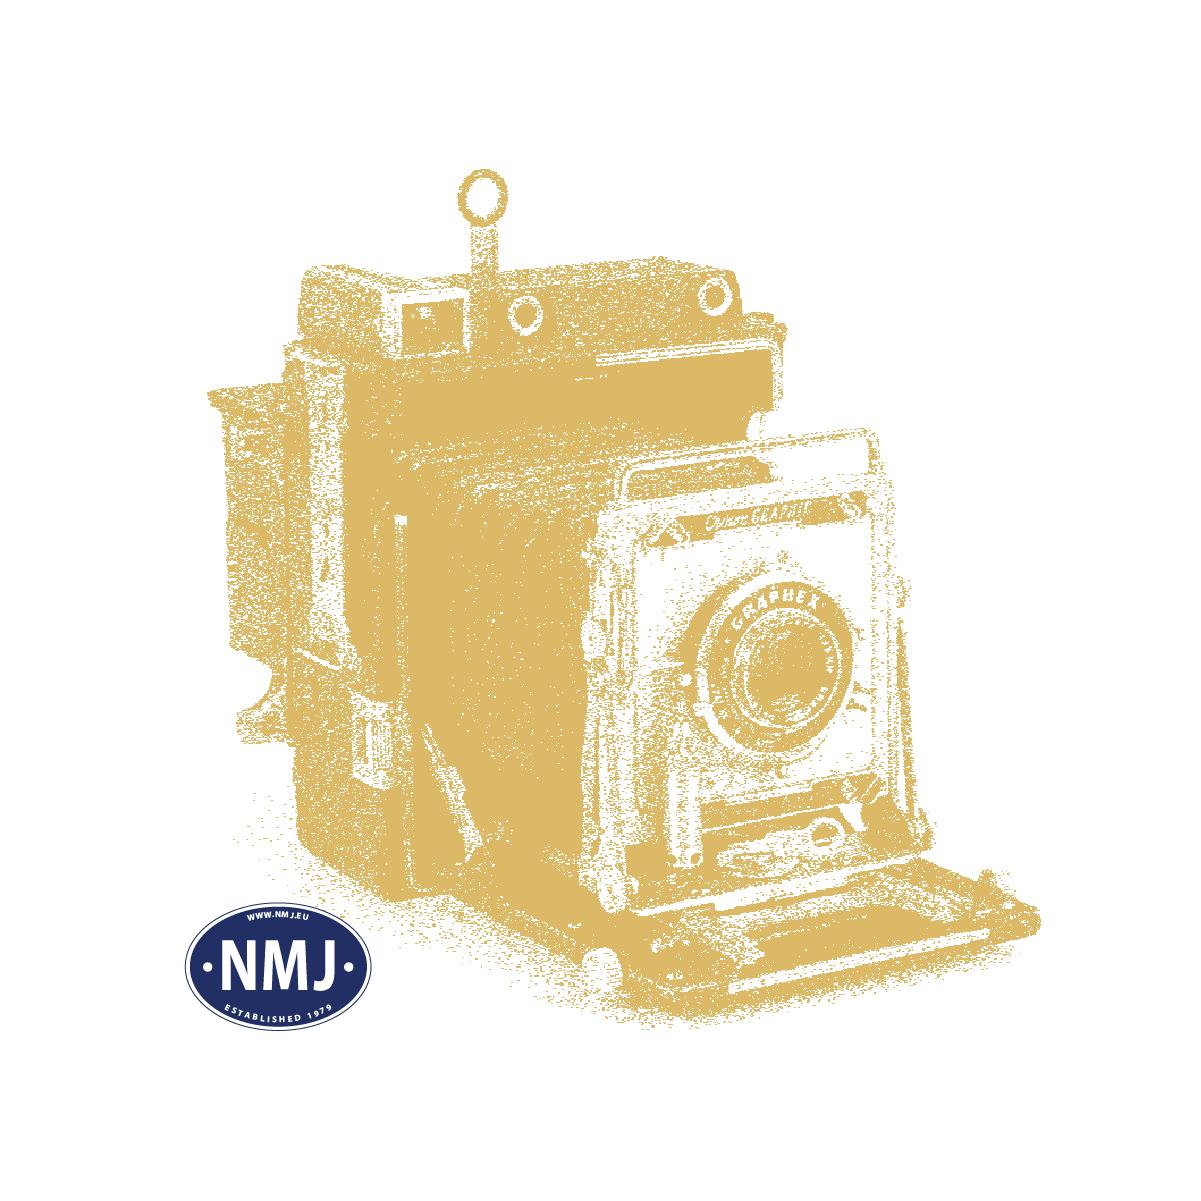 NMJT105.992 - NMJ Topline NSB B3 Radstromabnahmekontakte, 1 Paar (2 Stk.)